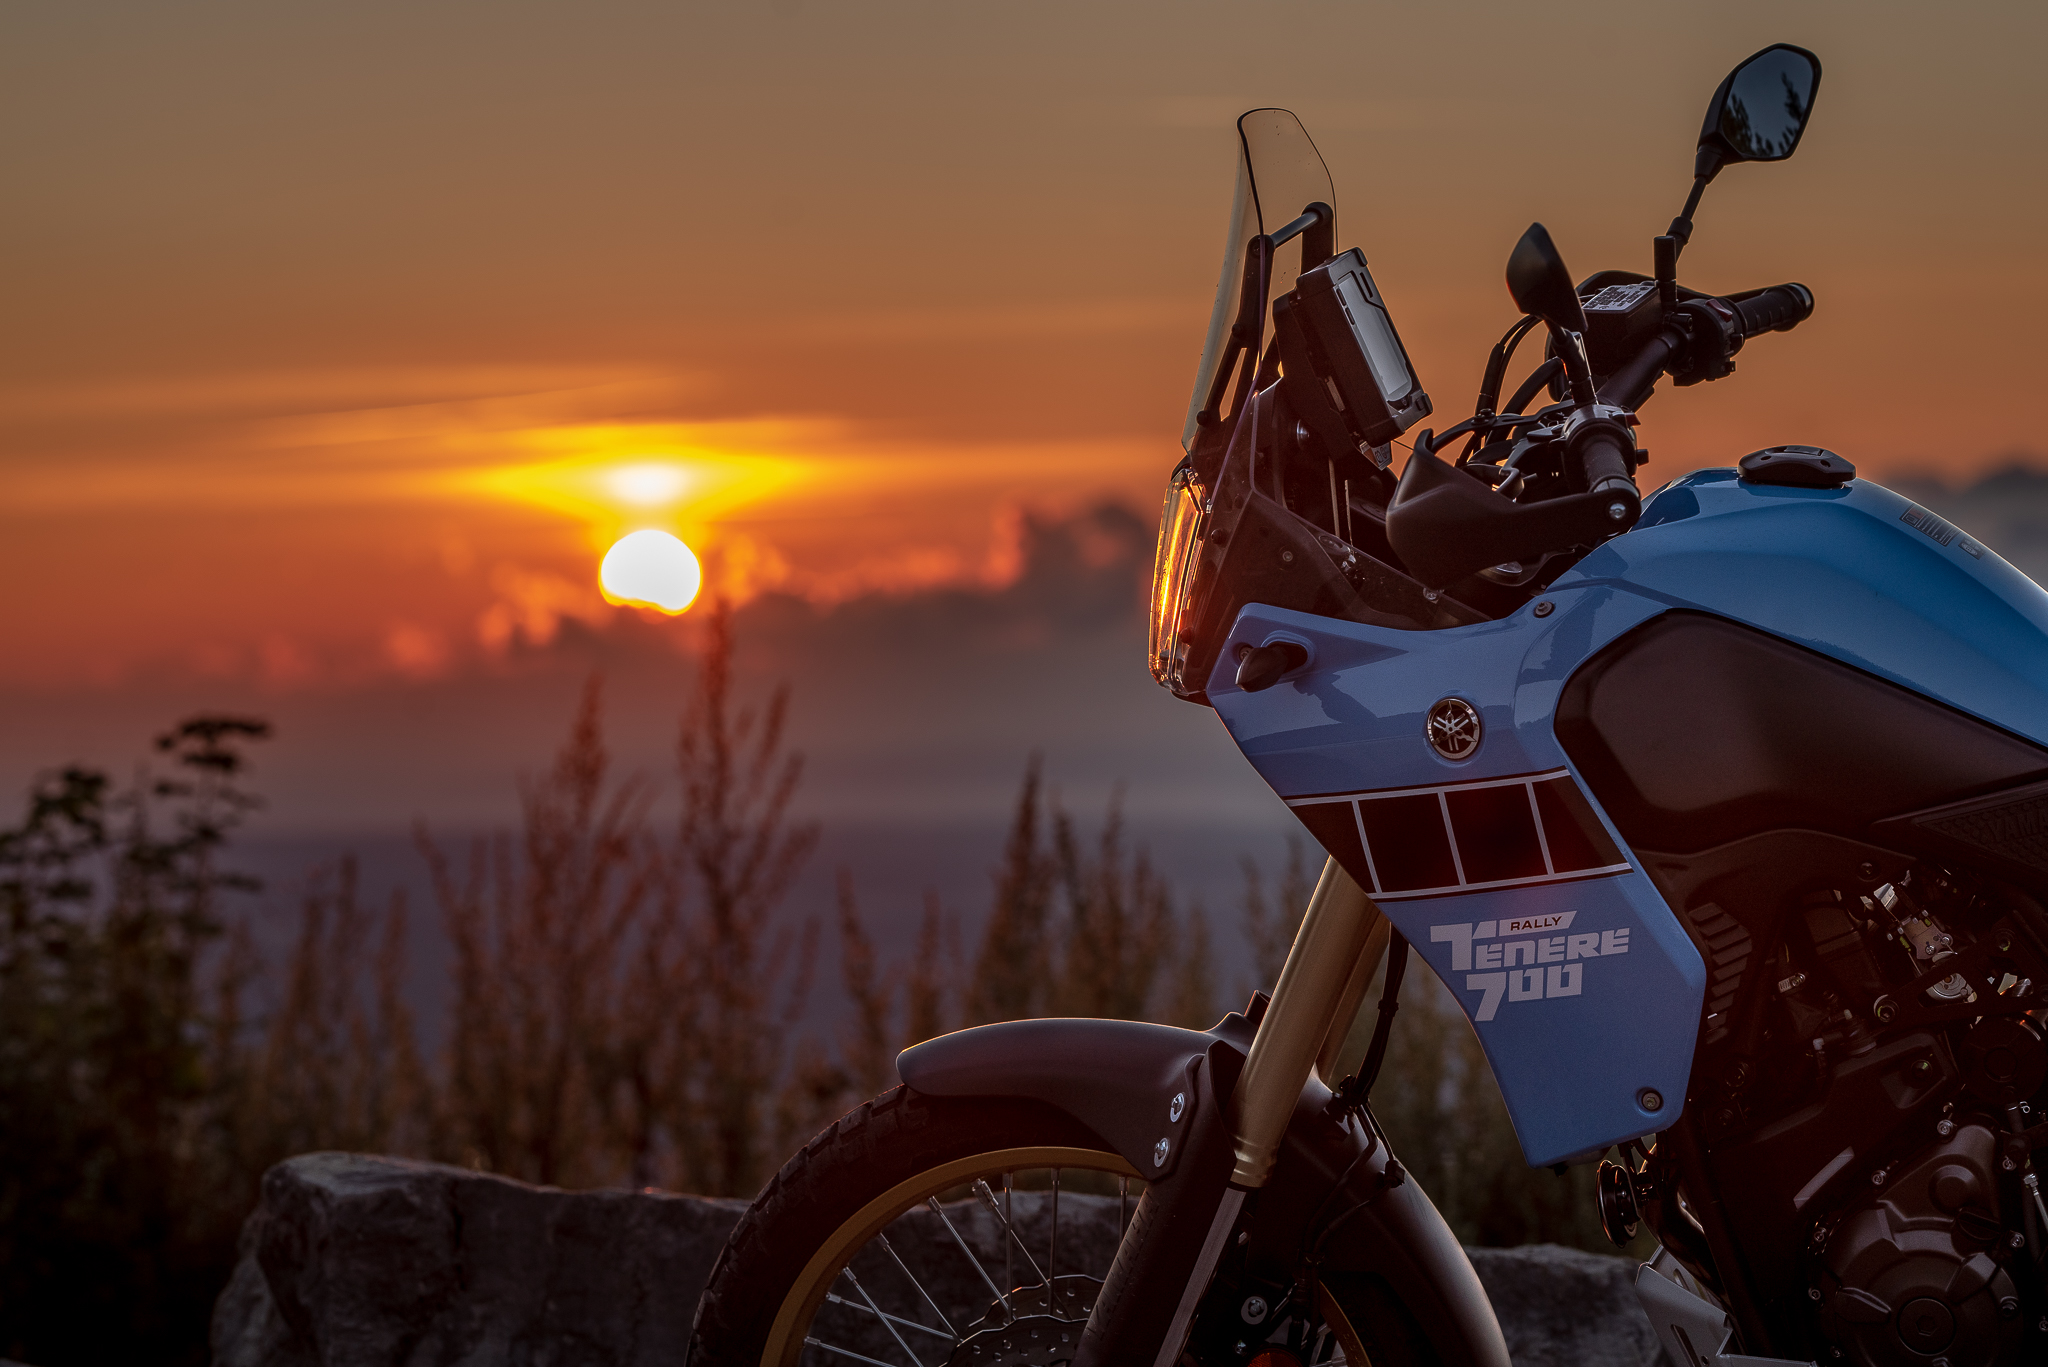 Yamaha Ténéré 700 Lever de soleil sunrise